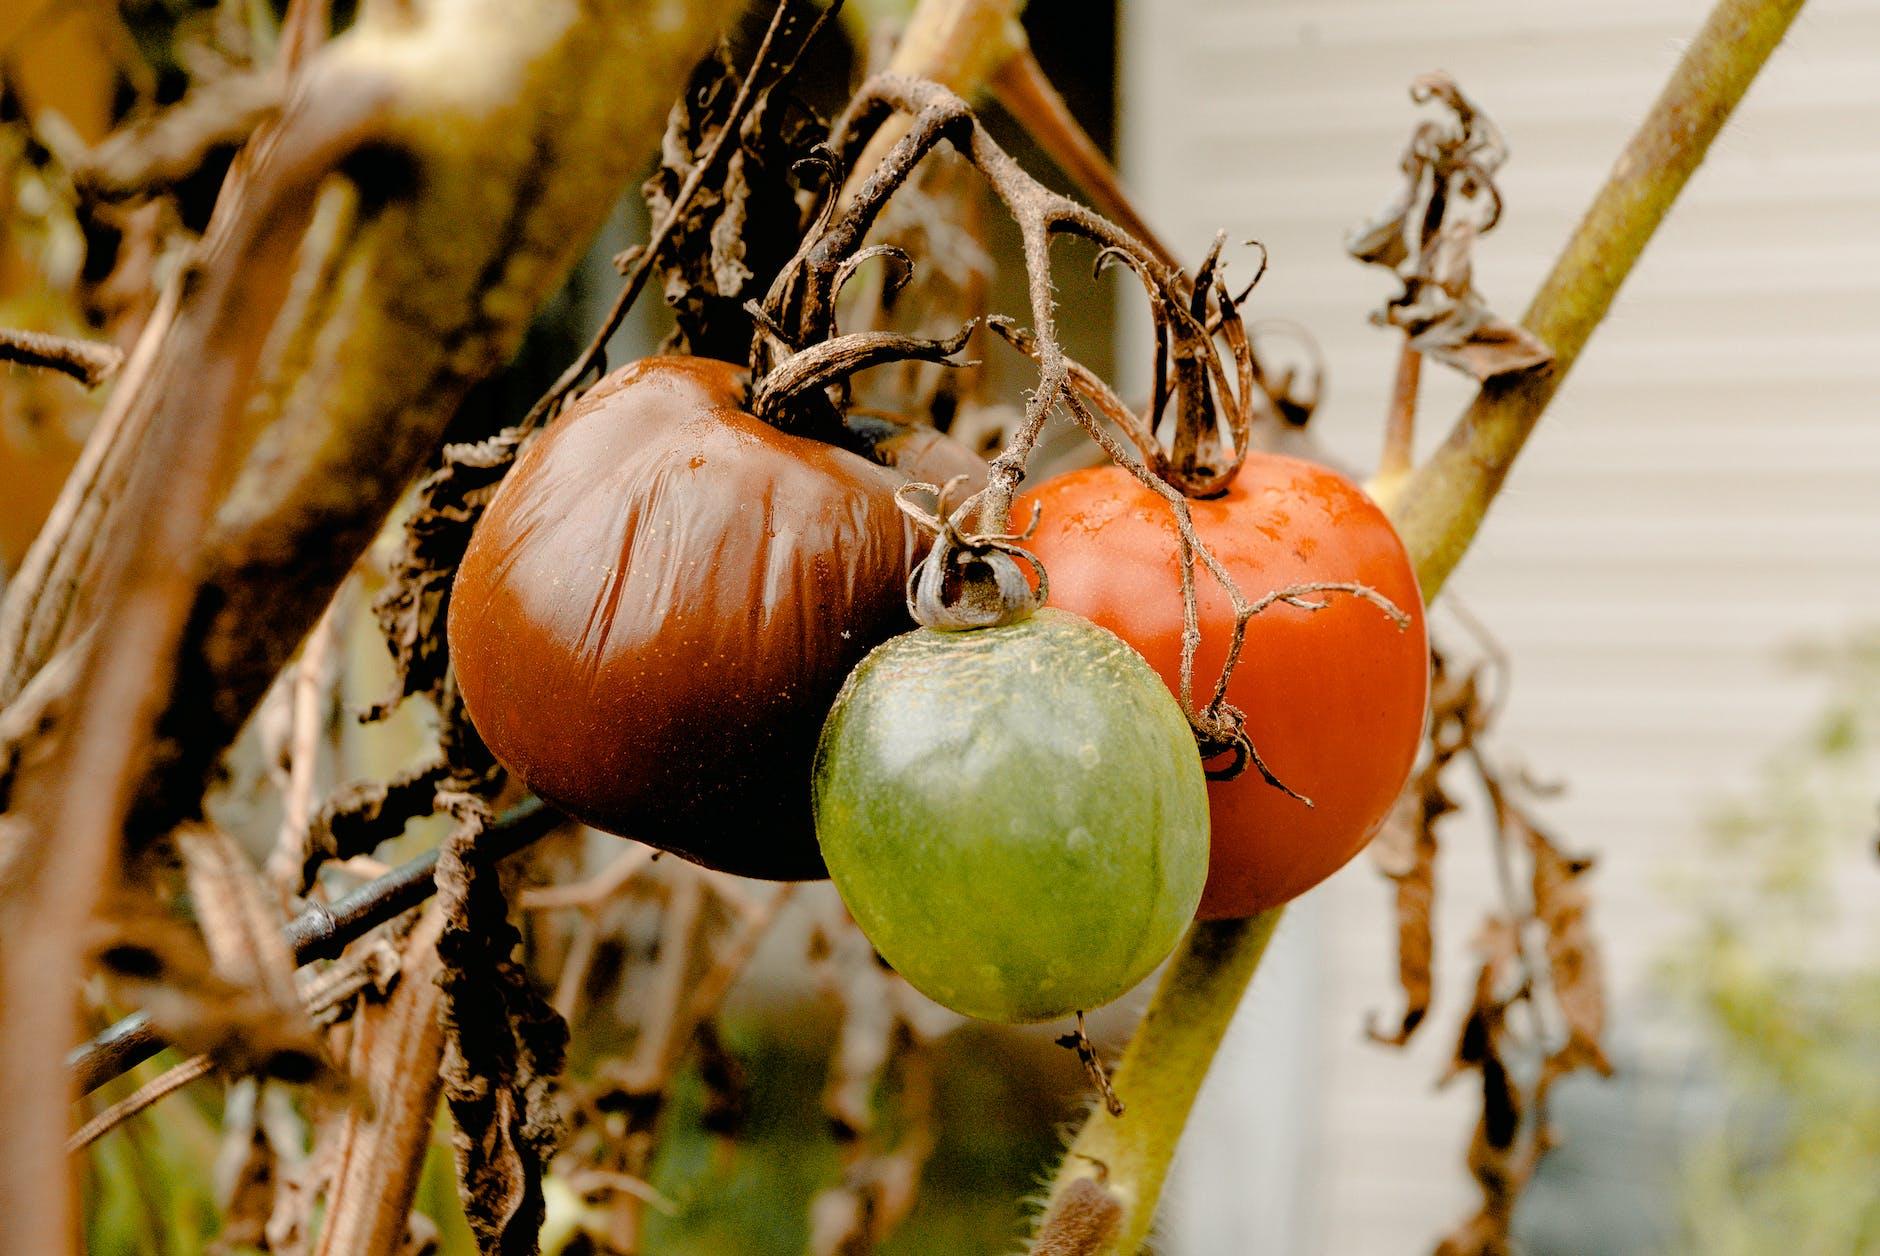 tomatoes rotten on vine food waste